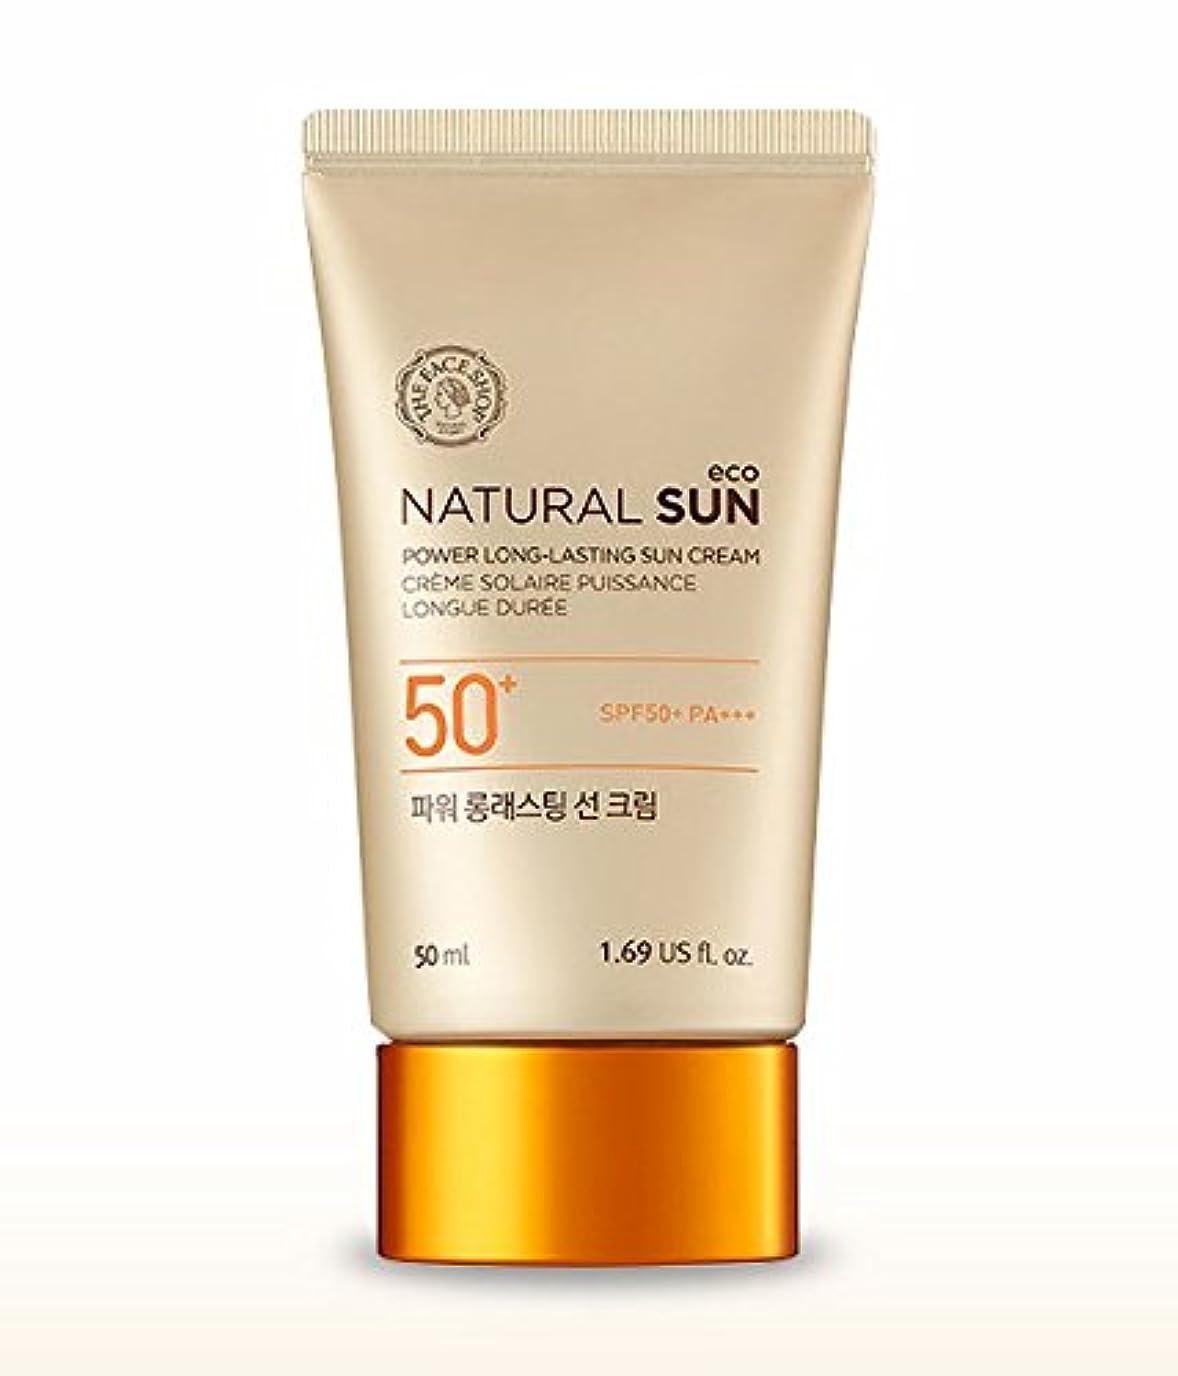 中古意気揚々憧れTHE FACE SHOP Natural Sun Eco Power Long Lasting Sun Cream 50mlザフェイスショップ ナチュラルサンパワーロングラスティングサンクリーム [並行輸入品]